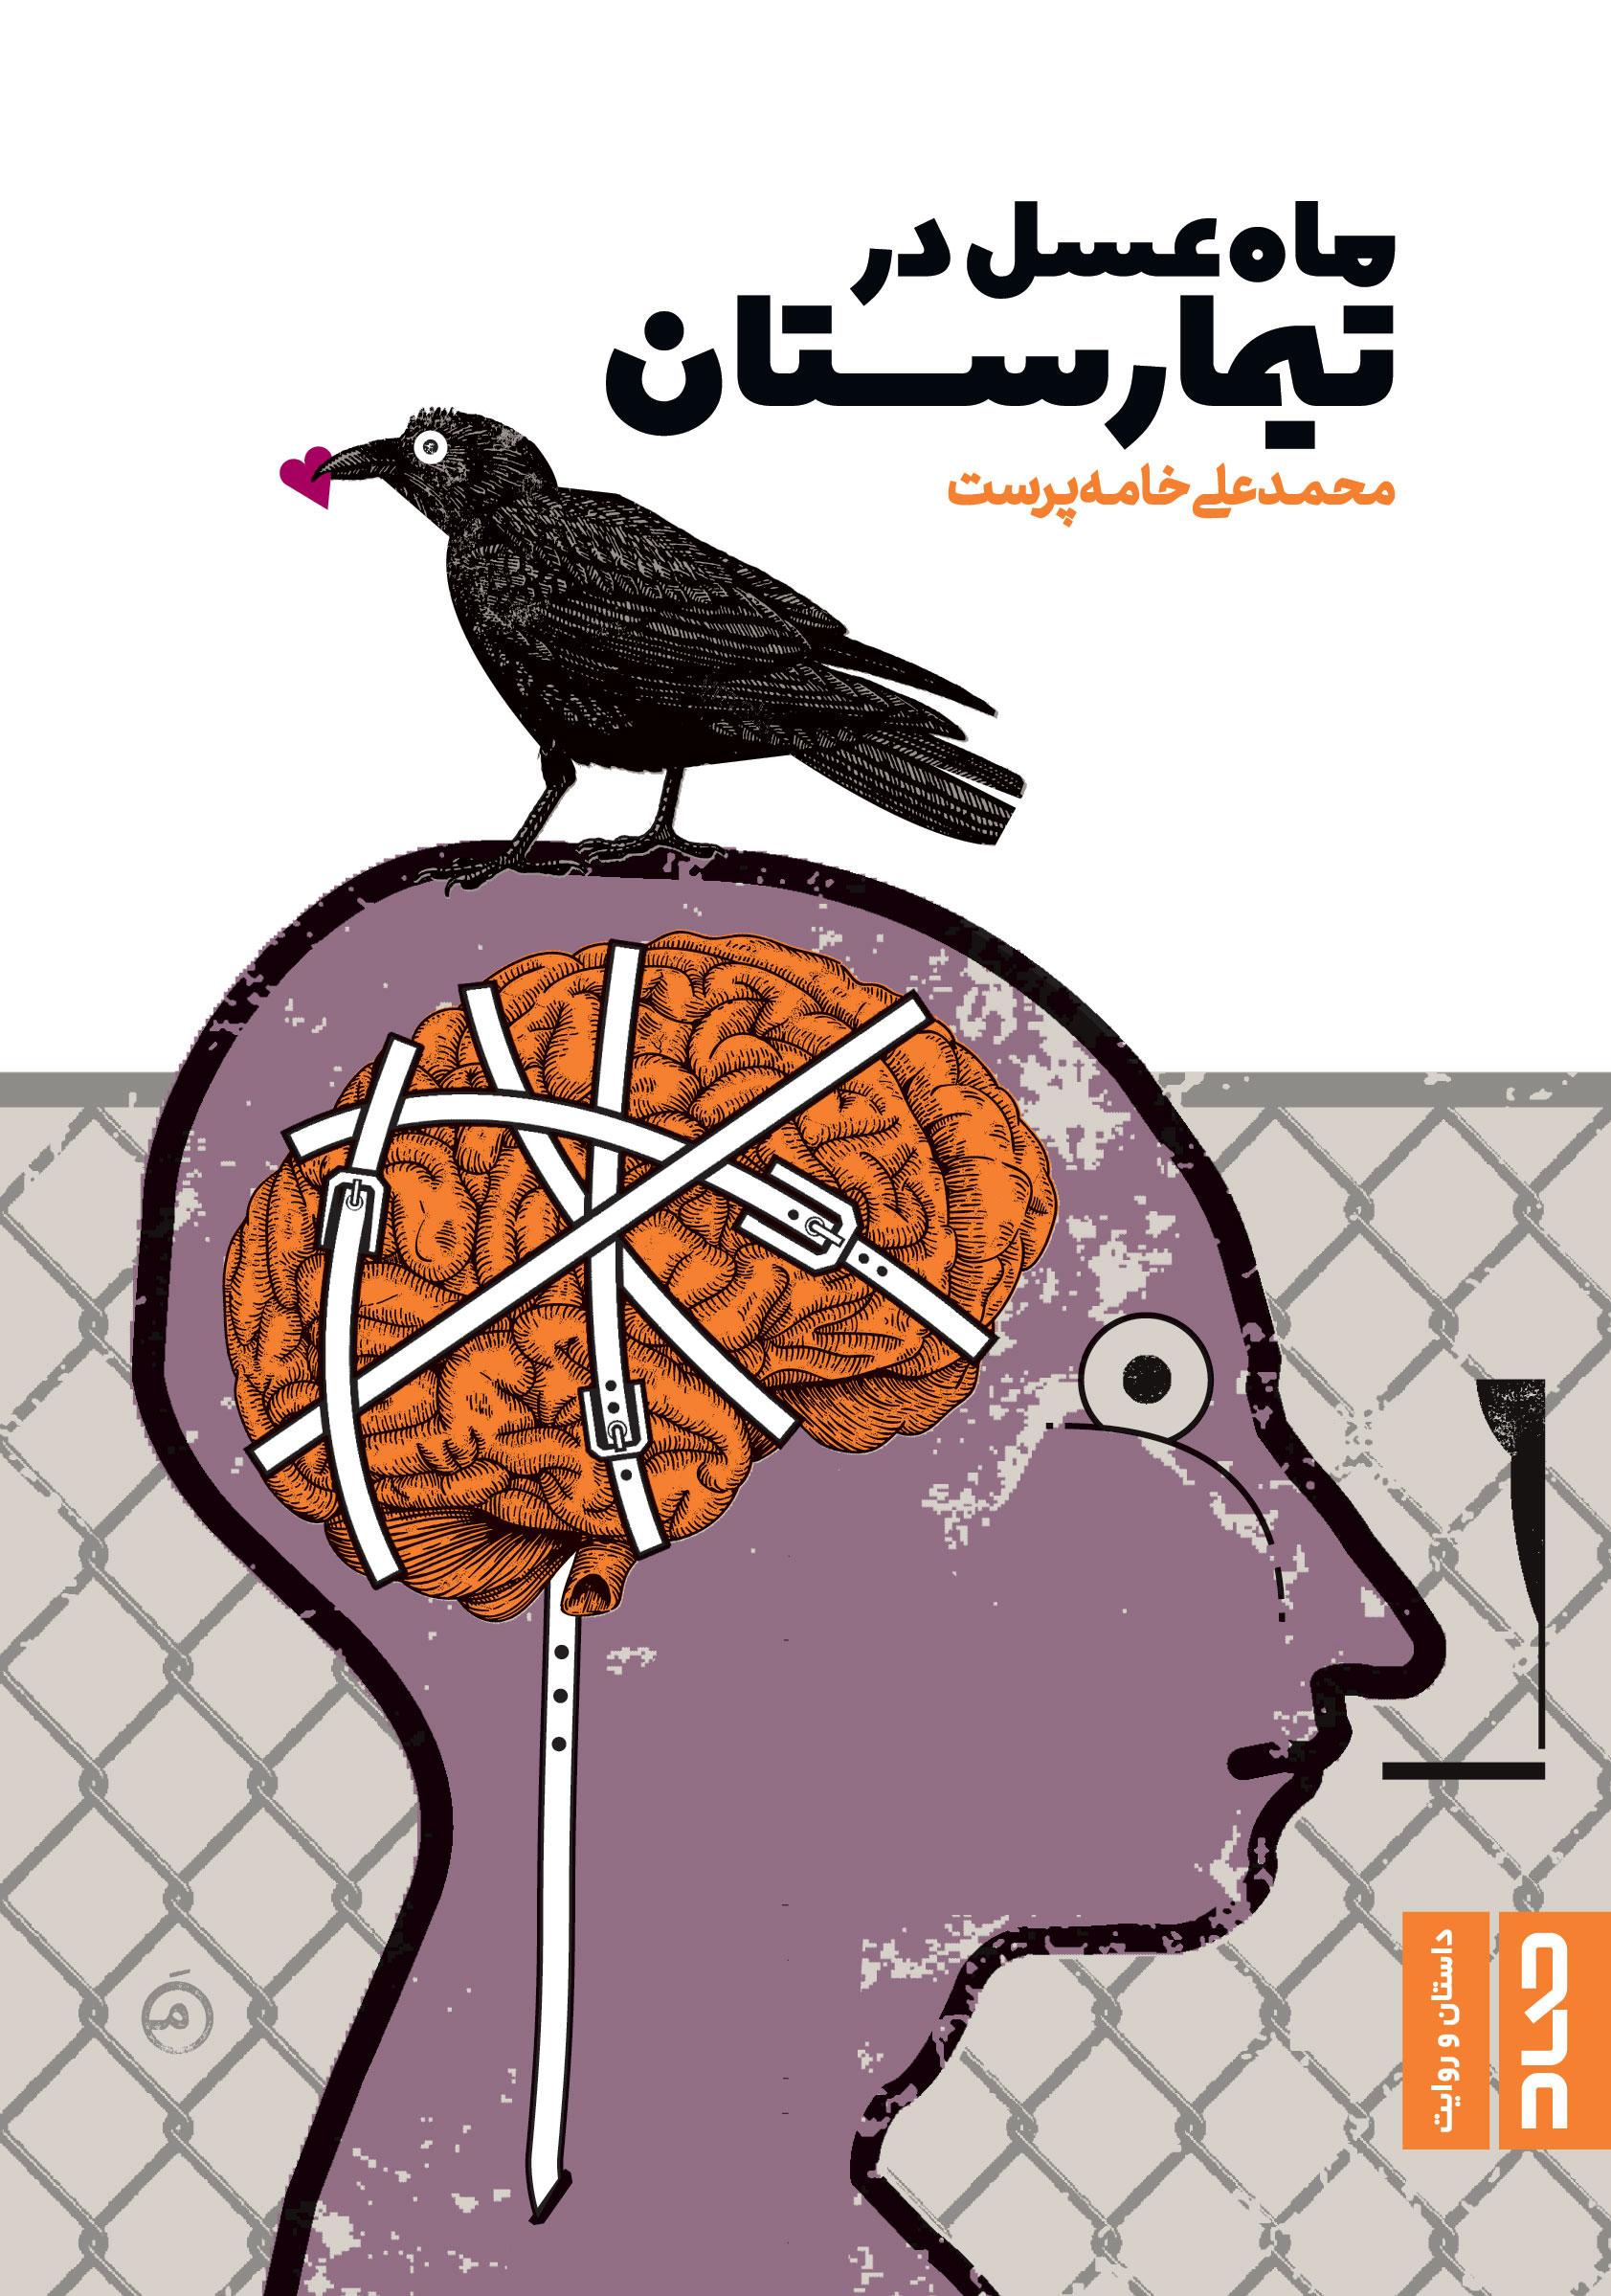 جدیدترین اثر«محمدعلی خامه پرست» روانه بازار نشر شد